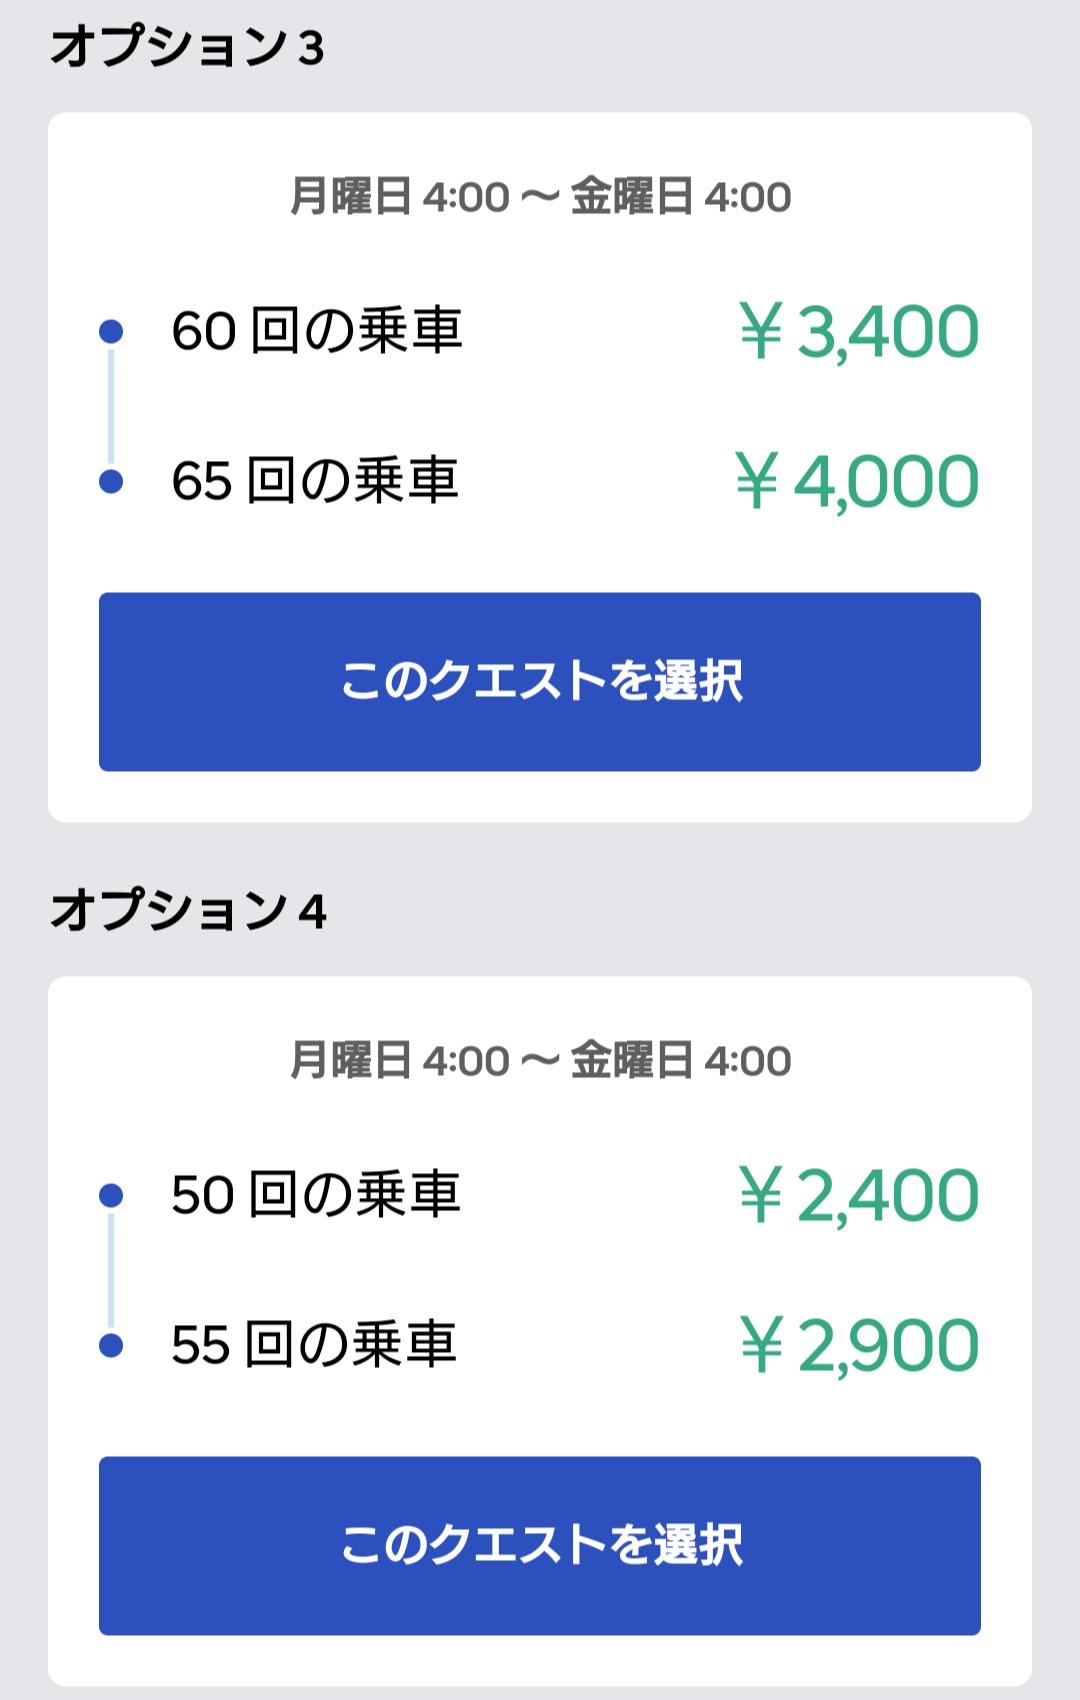 60件から65件UberEats料金改定後のクエスト